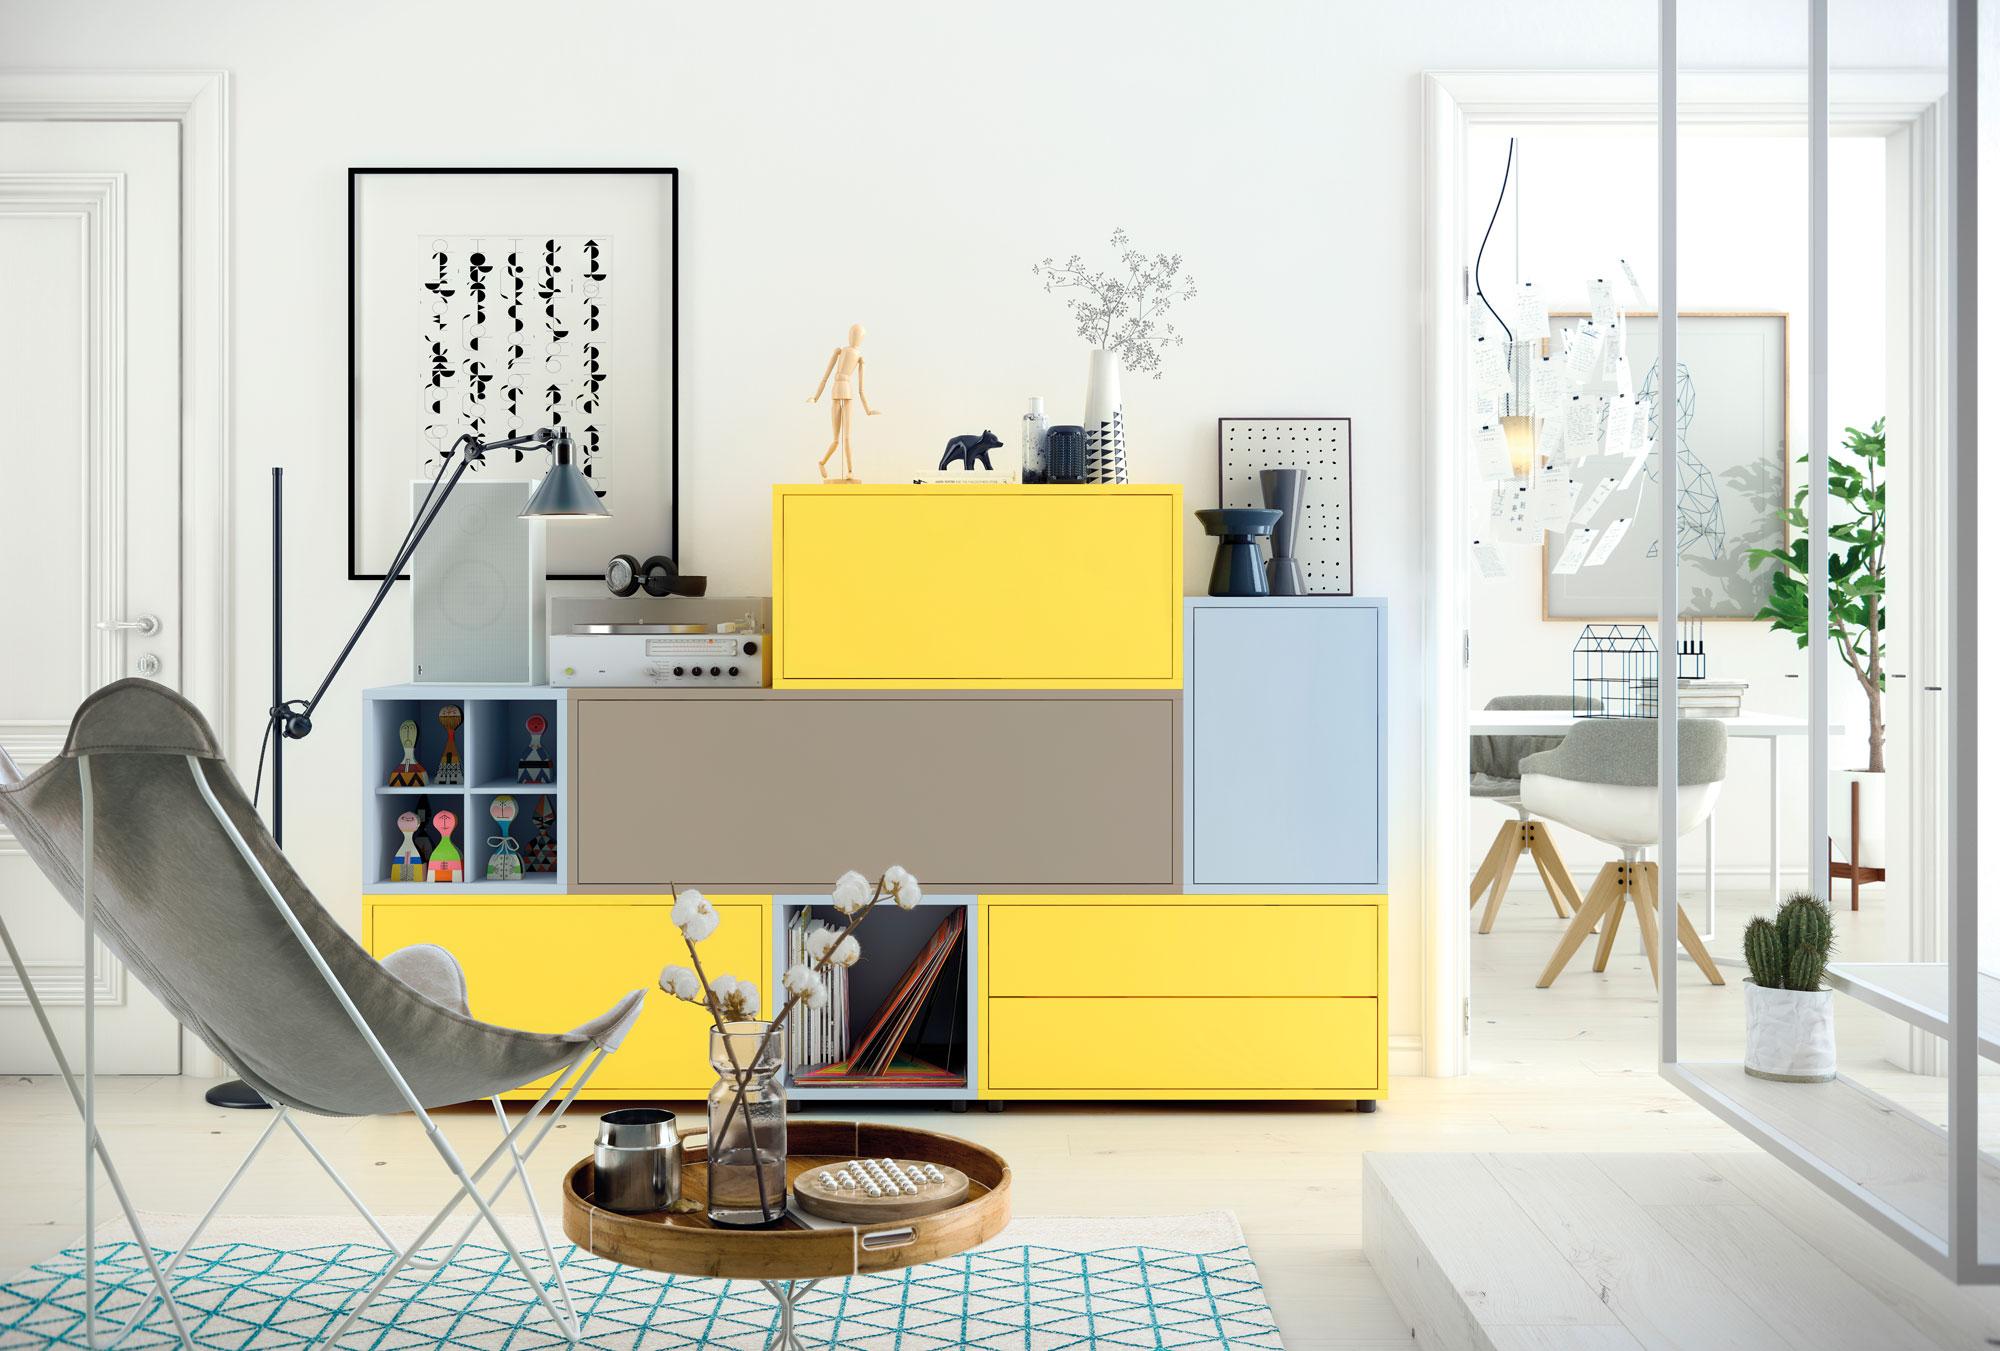 Olut muebles de estilo n rdico for Muebles estilo nordico barcelona